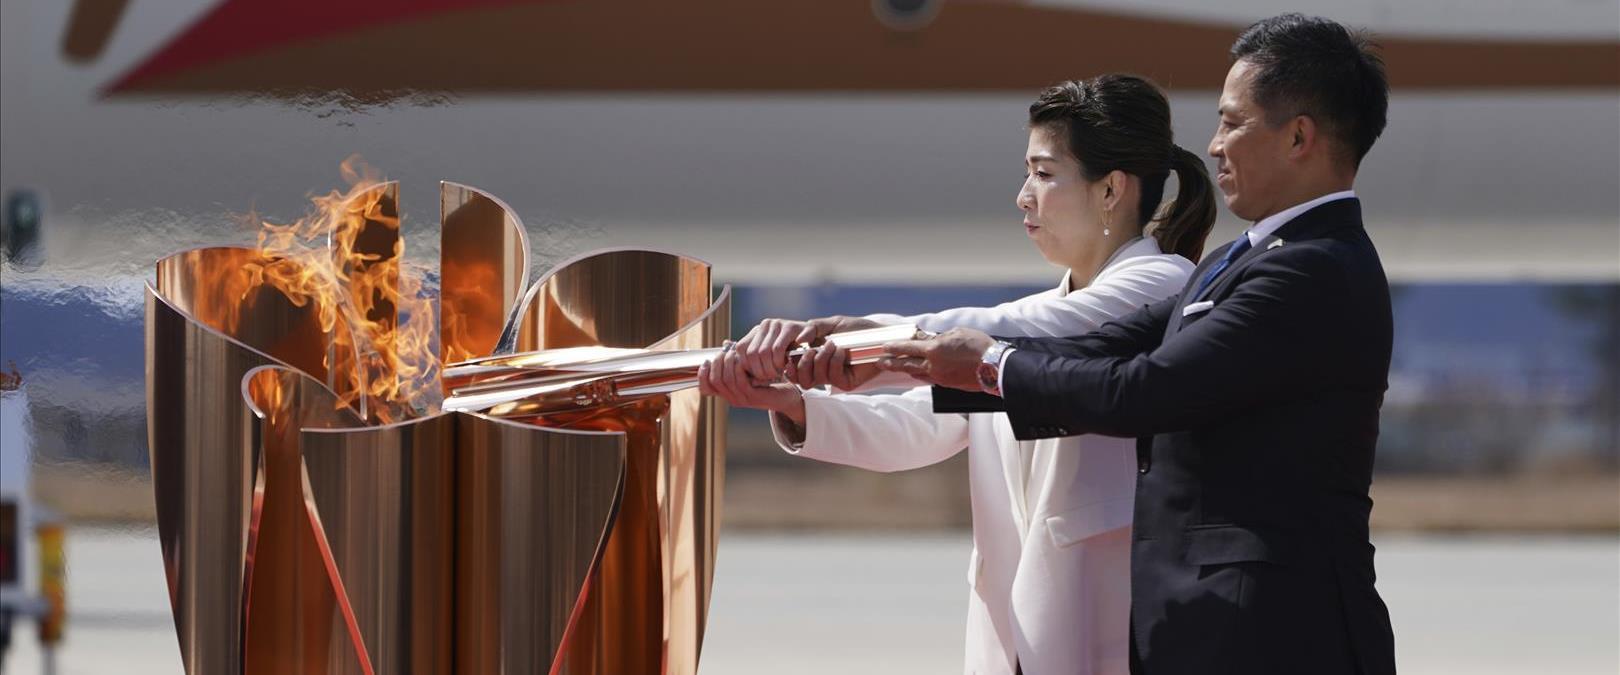 הדלקת הלפיד בטקס הגעת הלהבה צפונית לטוקיו, 20.03.2